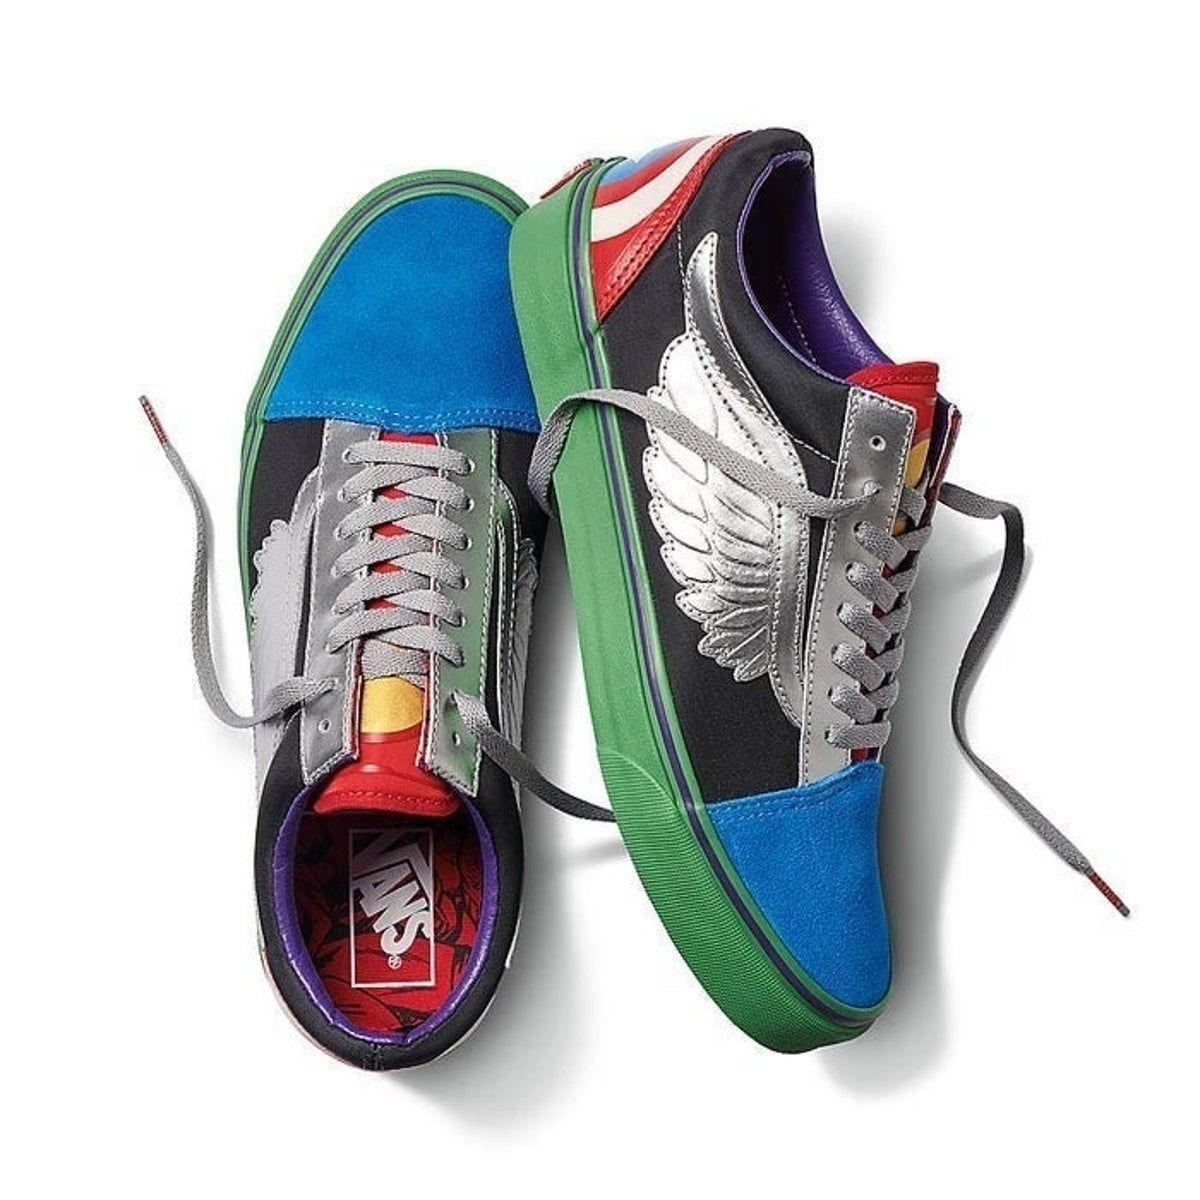 Vans Old Skool Marvel Avengers Shoes | Avengers shoes, Vans marvel ...